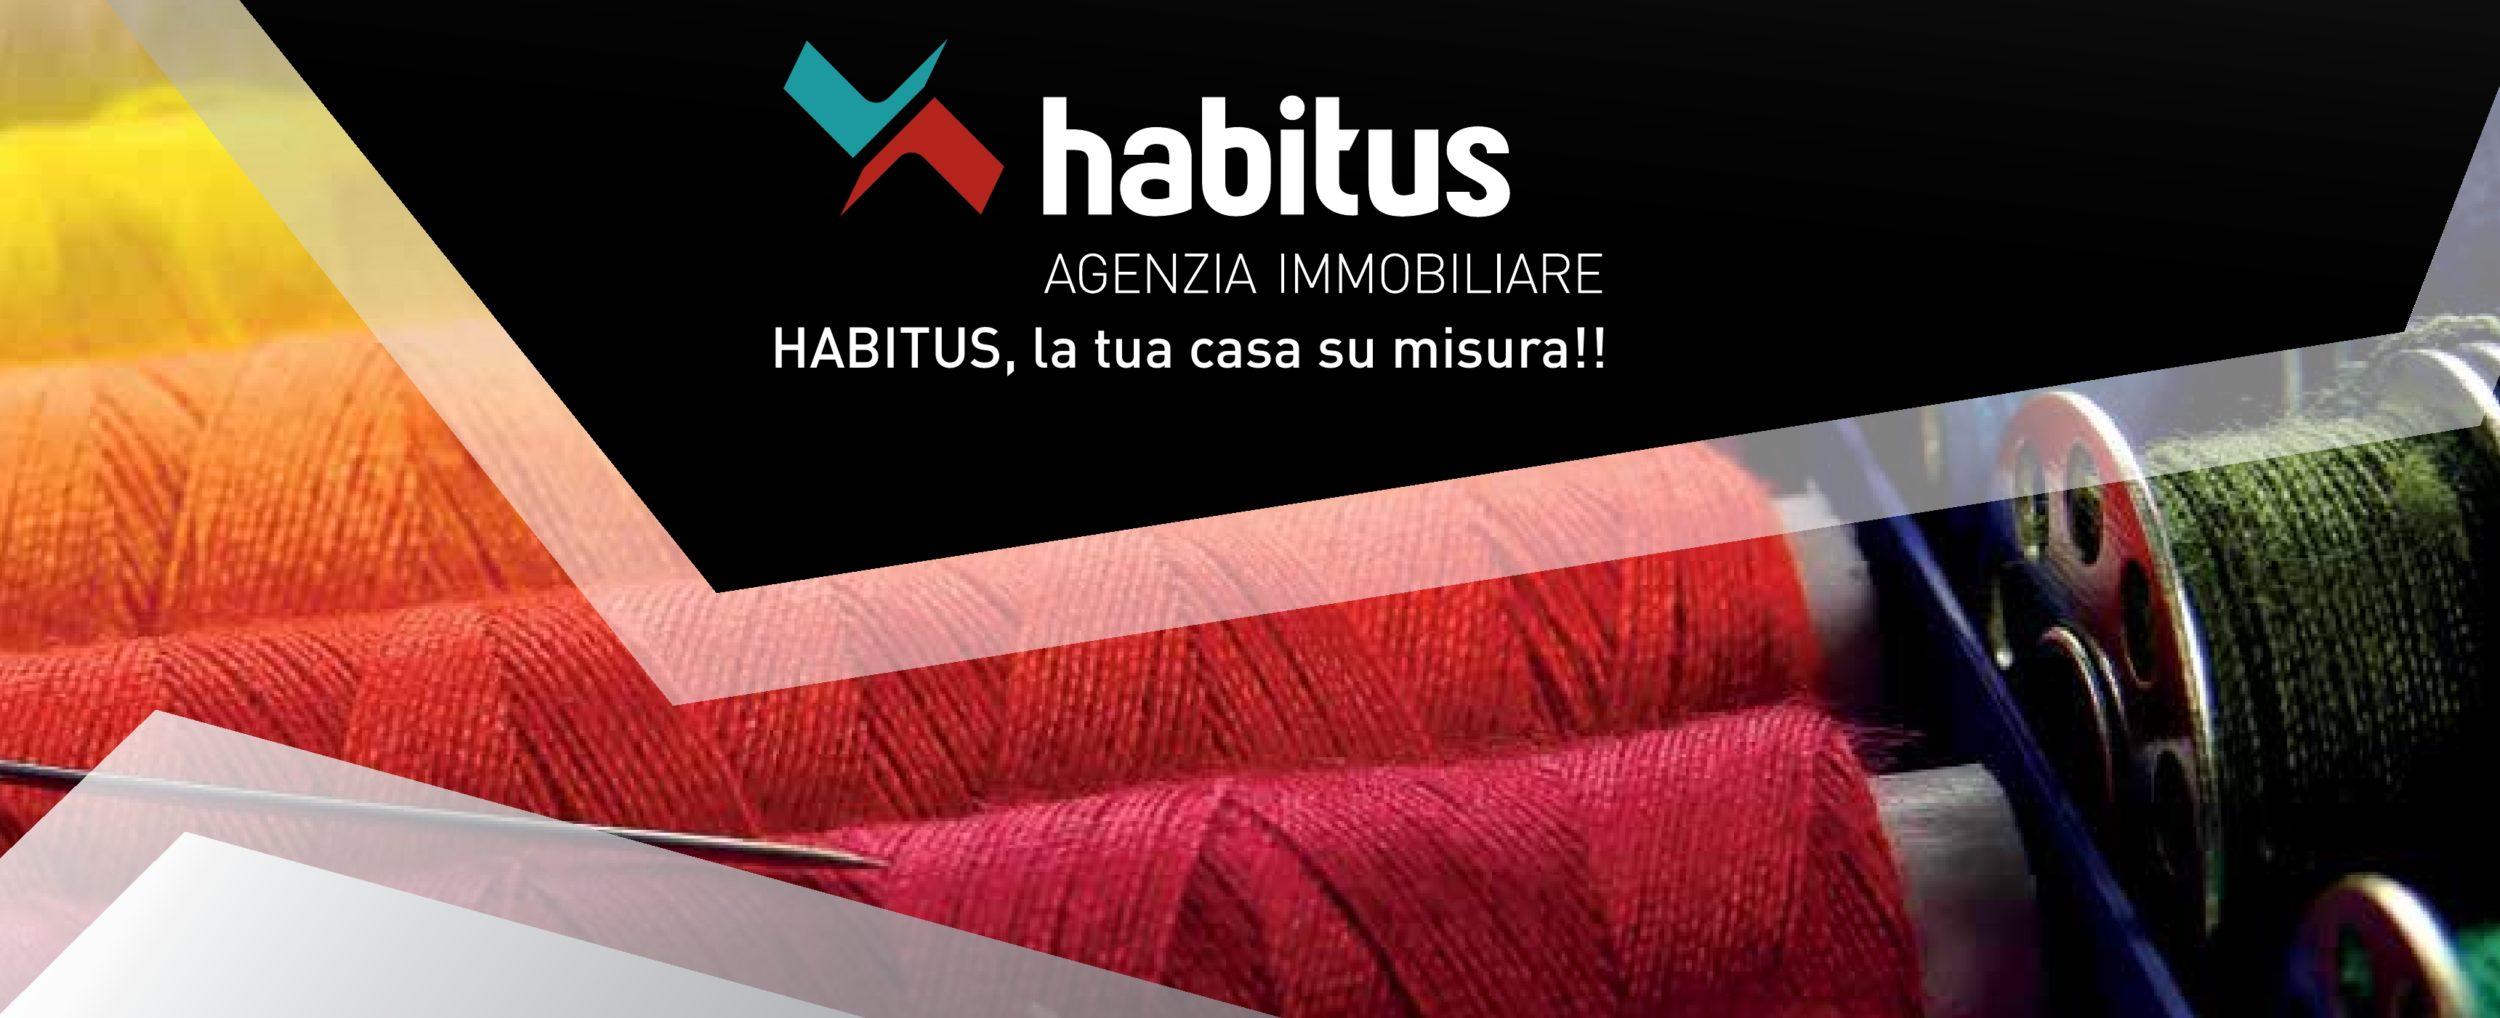 Habitus Agenzia Immobiliare